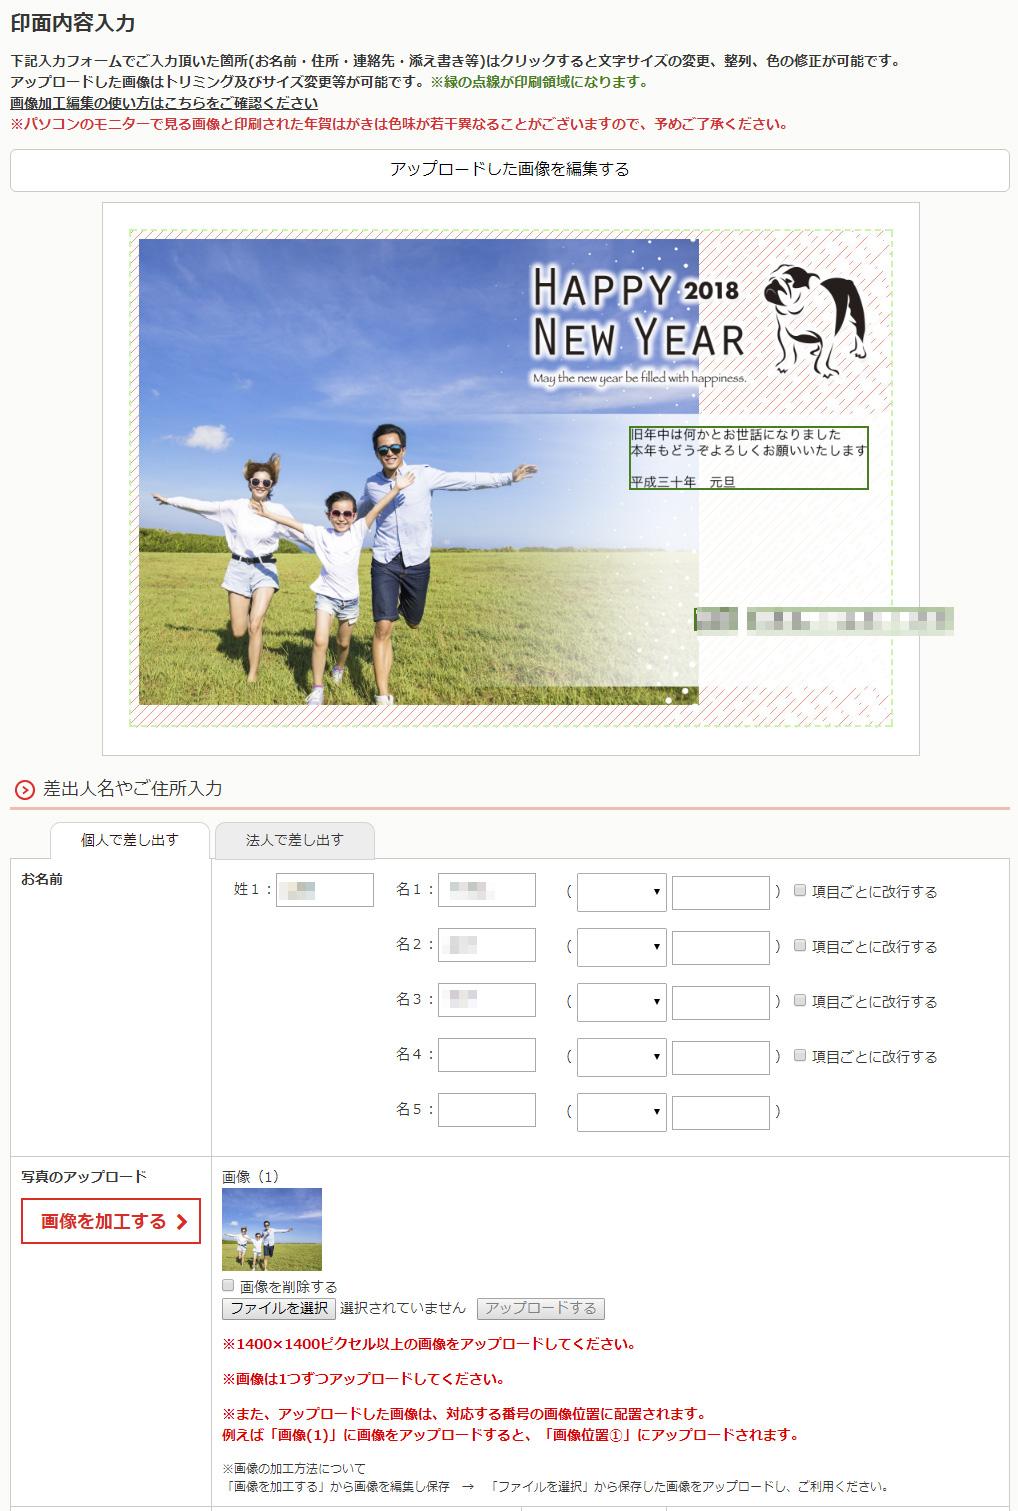 画像がアップロードされ、印刷イメージに反映されます。